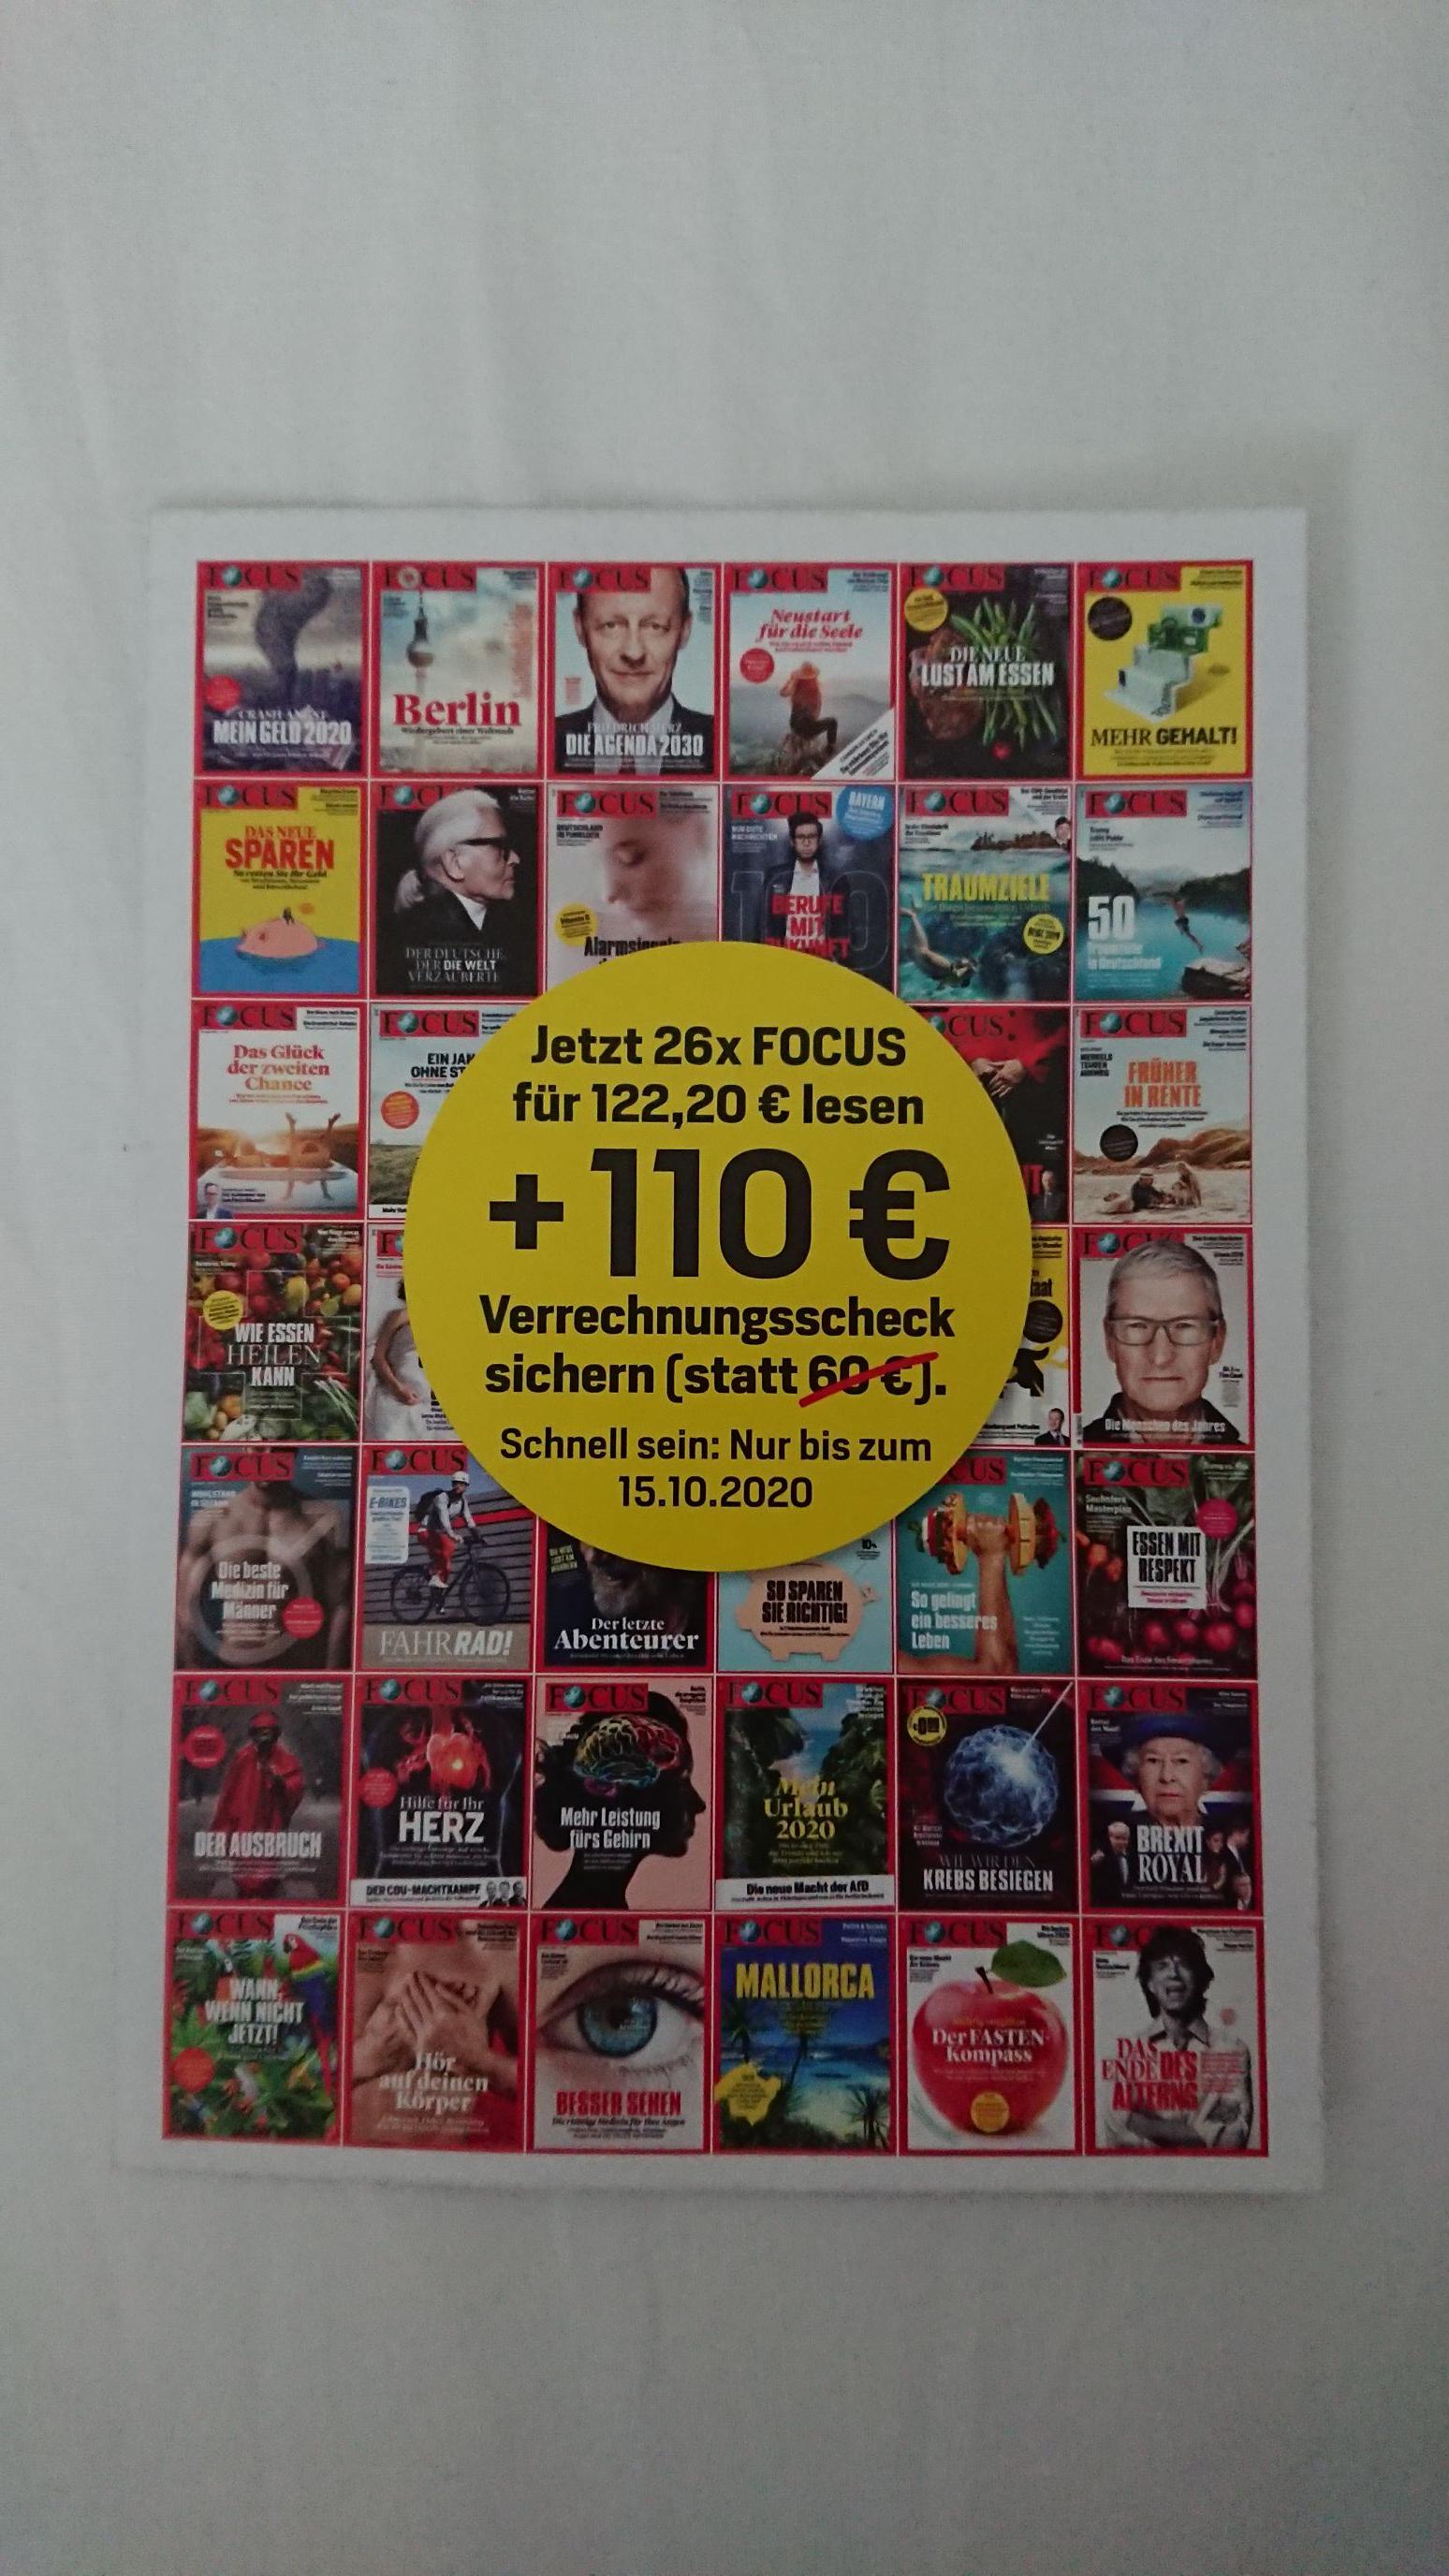 26x Focus (Print) mit 110€ Verrechnungsscheck